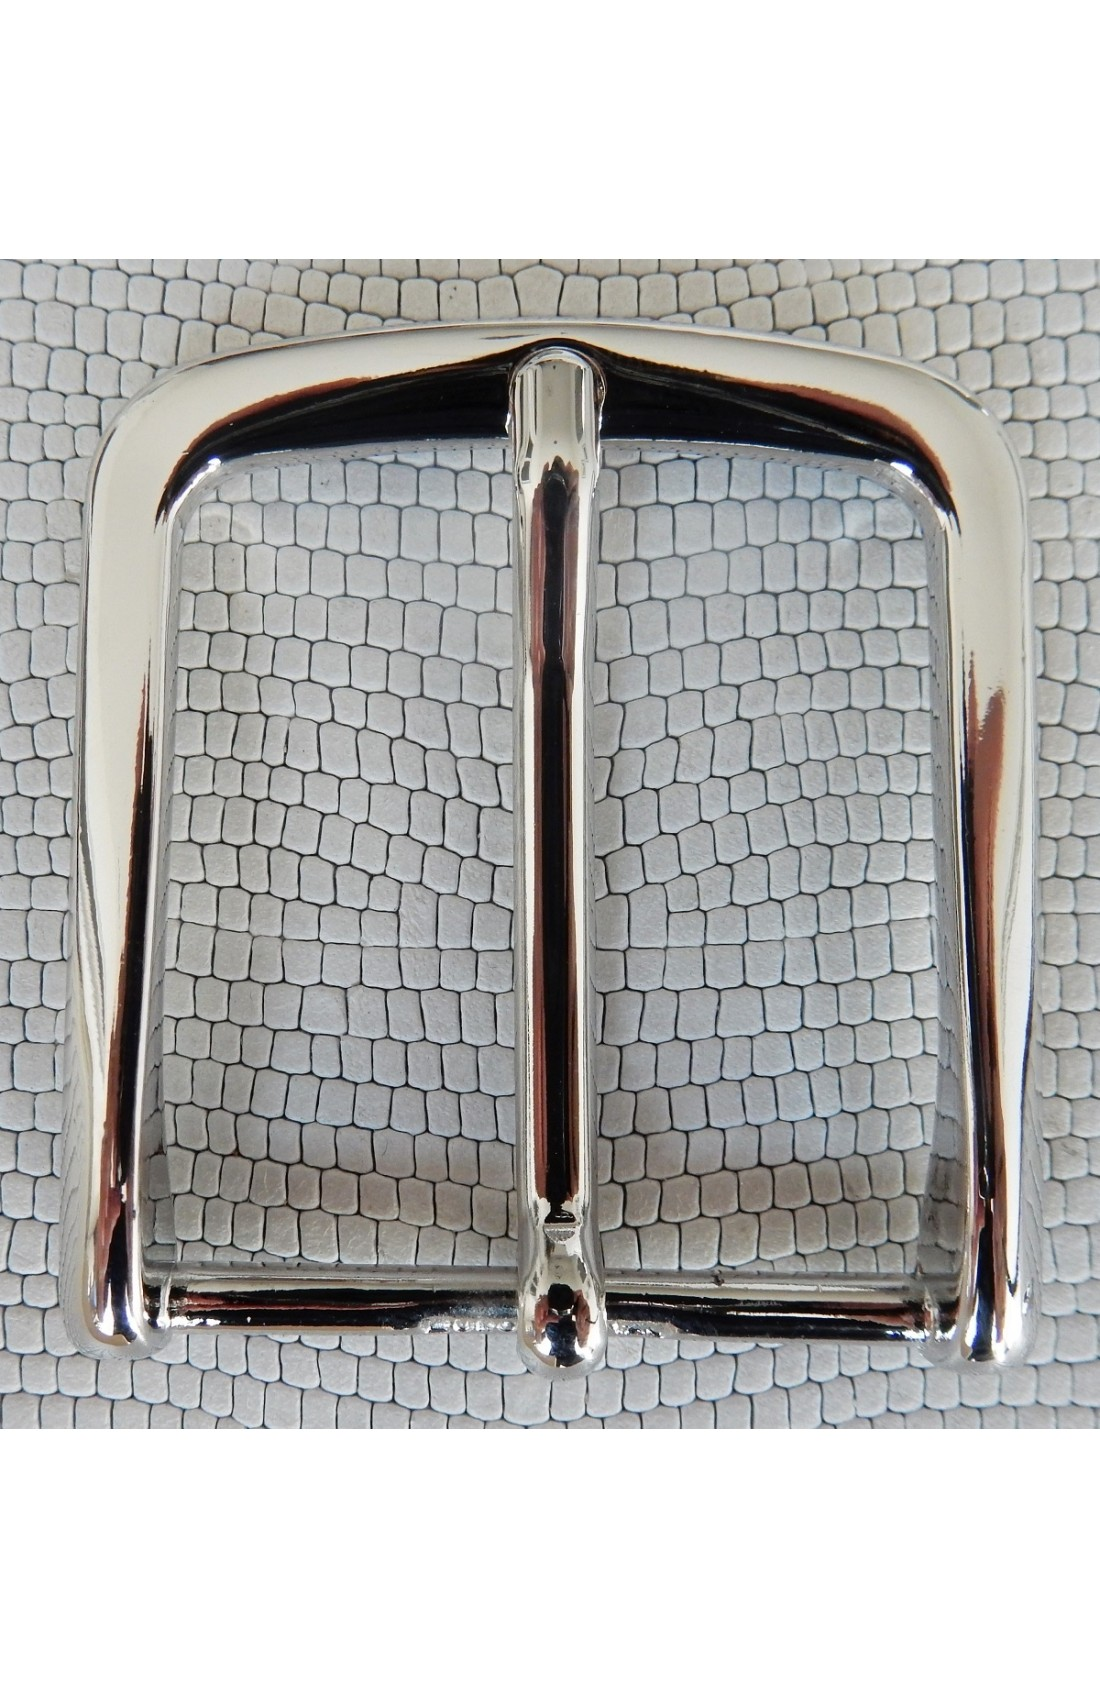 Fibbia Standard L 143 mm.35 nikel free (1)